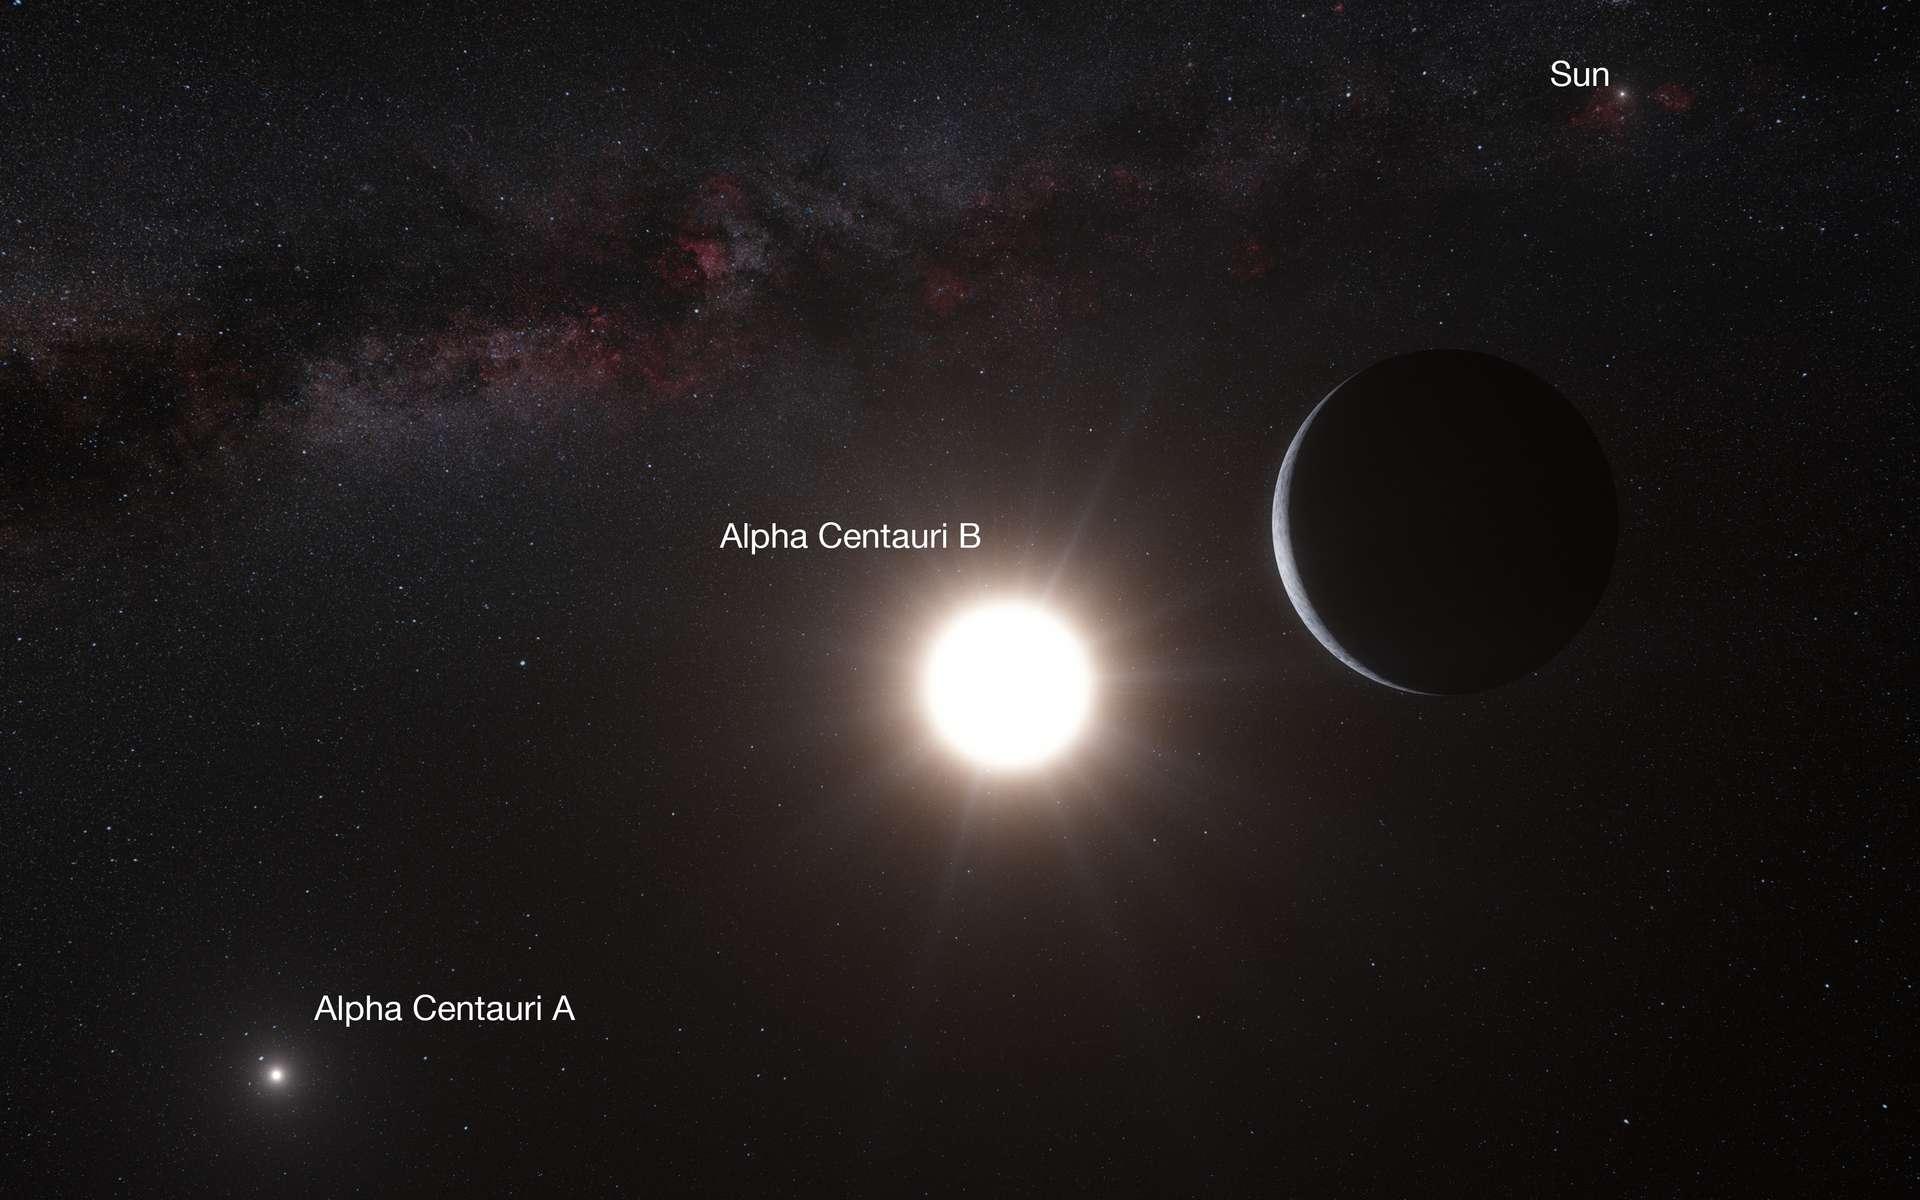 Il y a peut-être une ou plusieurs planètes autour d'Alpha Centauri B, à 4,3 années-lumière du Soleil. Sur cette vue d'artiste, on peut la voir représentée ainsi qu'Alpha Centauri A, autre étoile majeure du système triple. La petite naine rouge Proxima Centauri, l'étoile la plus proche du Soleil, n'apparaît pas. Comme on peut le voir, le Soleil (Sun) est une des étoiles les plus brillantes vues de là-bas. Peut-être obtiendrons-nous de véritables images de ce système avant 2100 grâce au projet Breakthrough Starshot. © Eso, L. Calçada, Nick Risinger